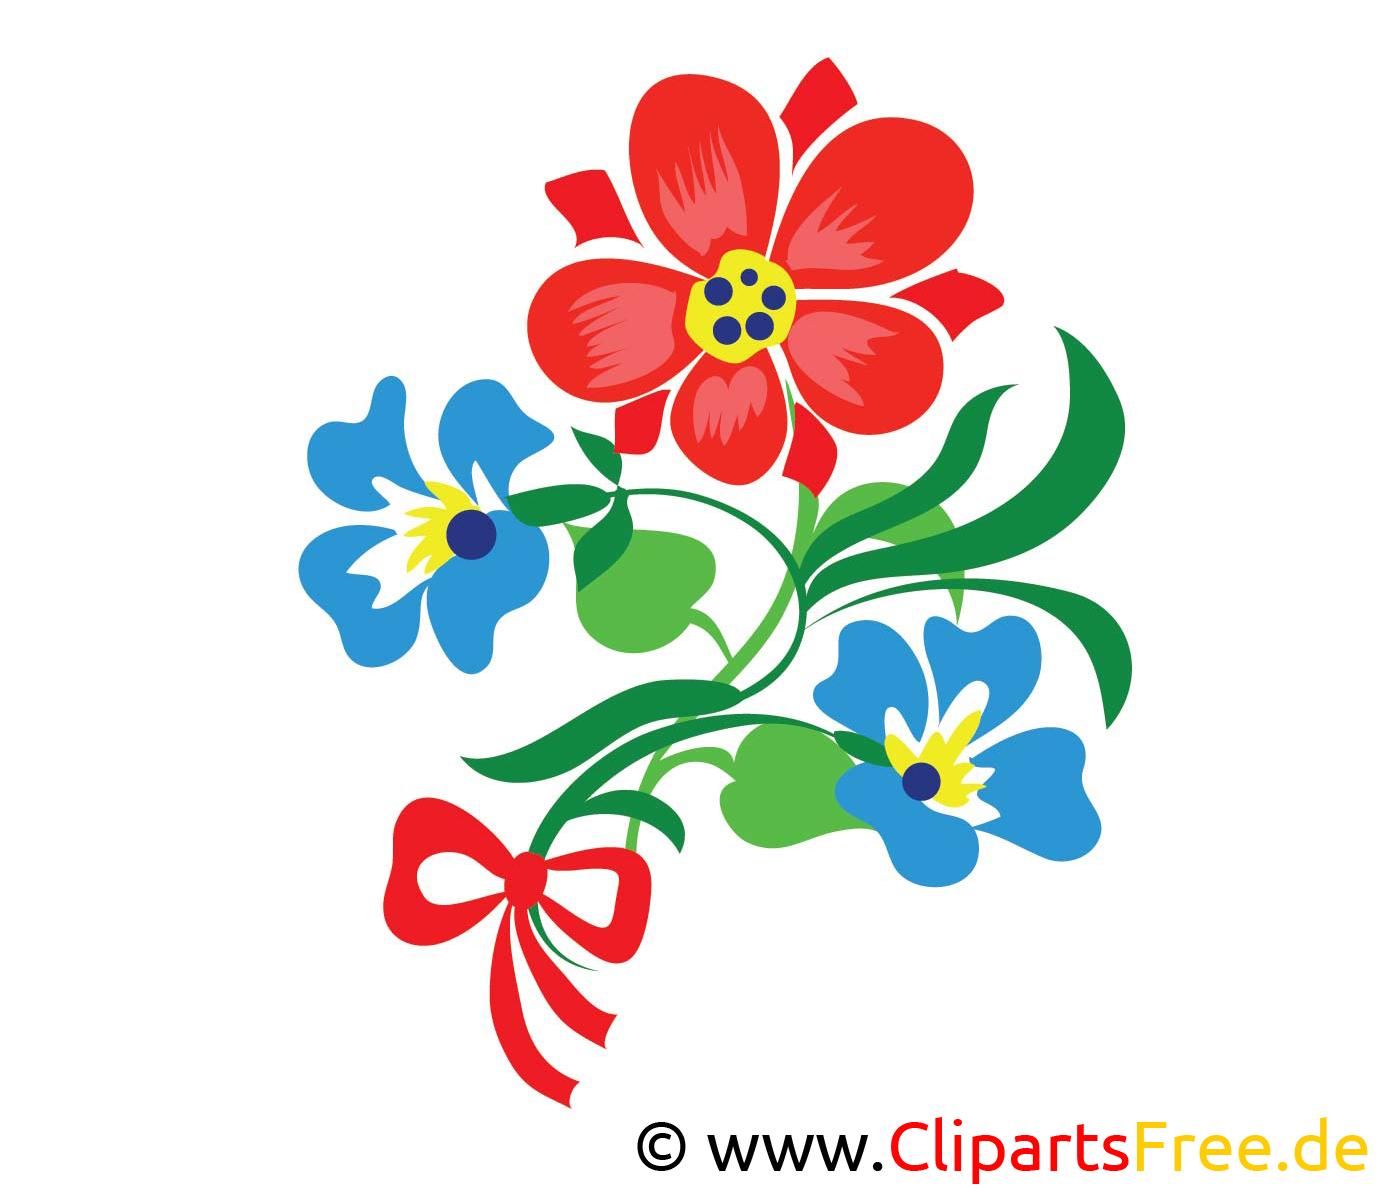 Dessin fleurs gratuit t l charger fleurs dessin picture image graphic clip art - Catalogue de fleurs gratuit ...